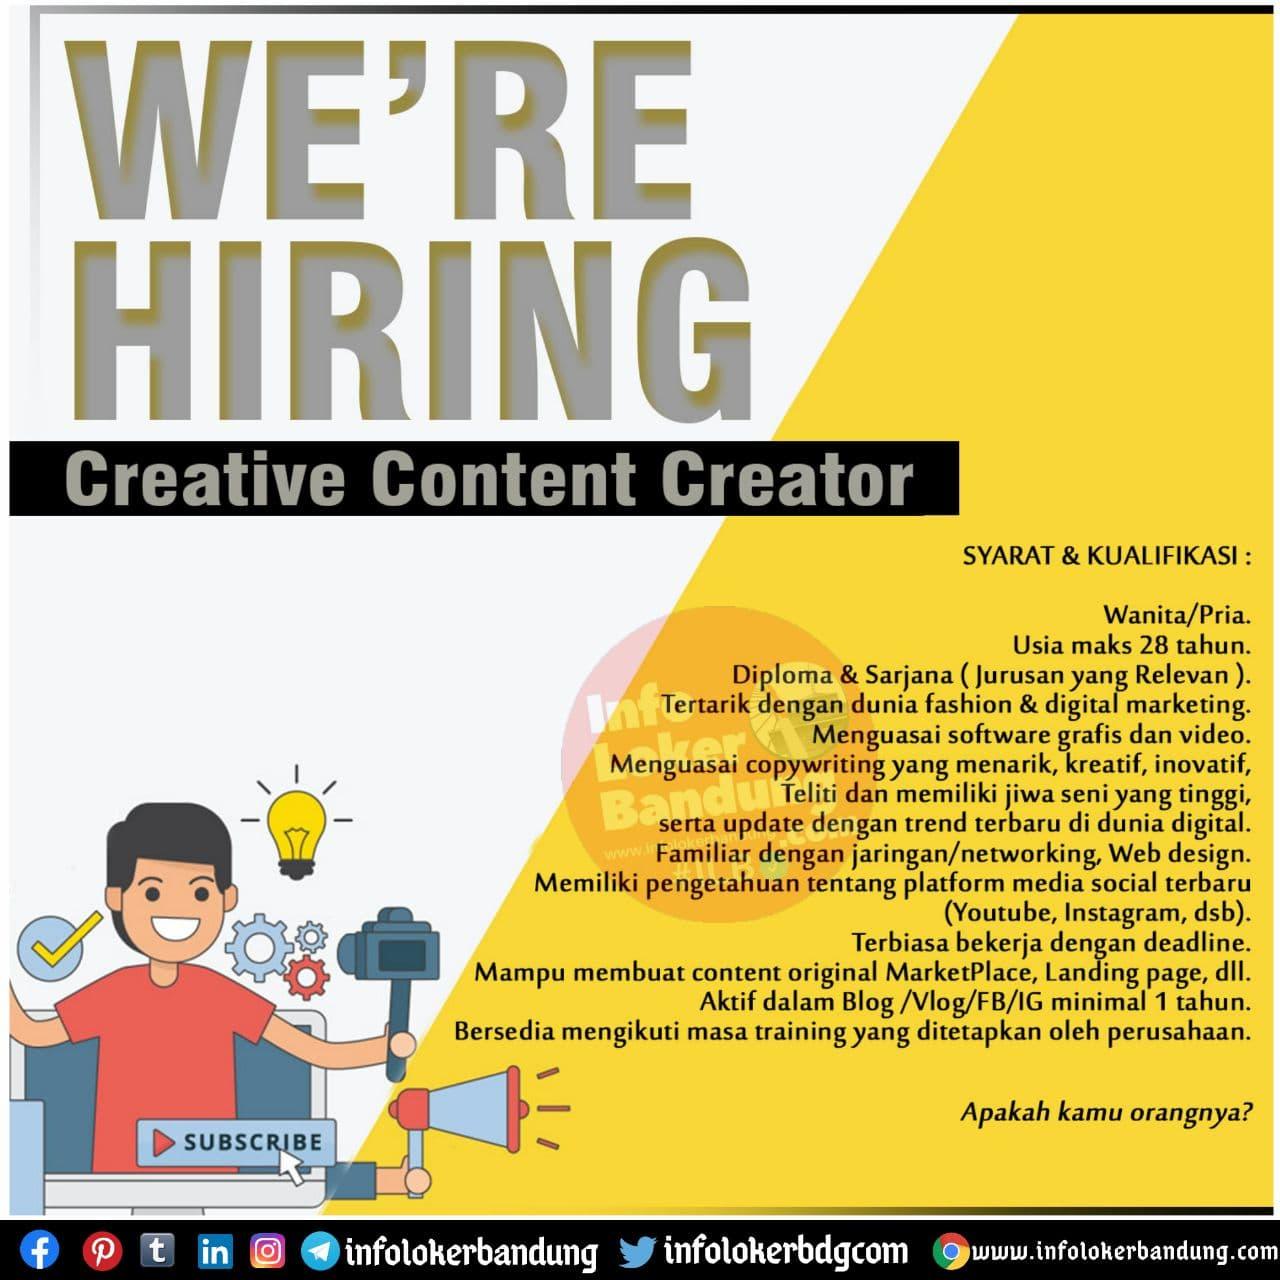 Lowongan Kerja Creative Content Creator PT. Anugerah RST269 Bandung November 2020